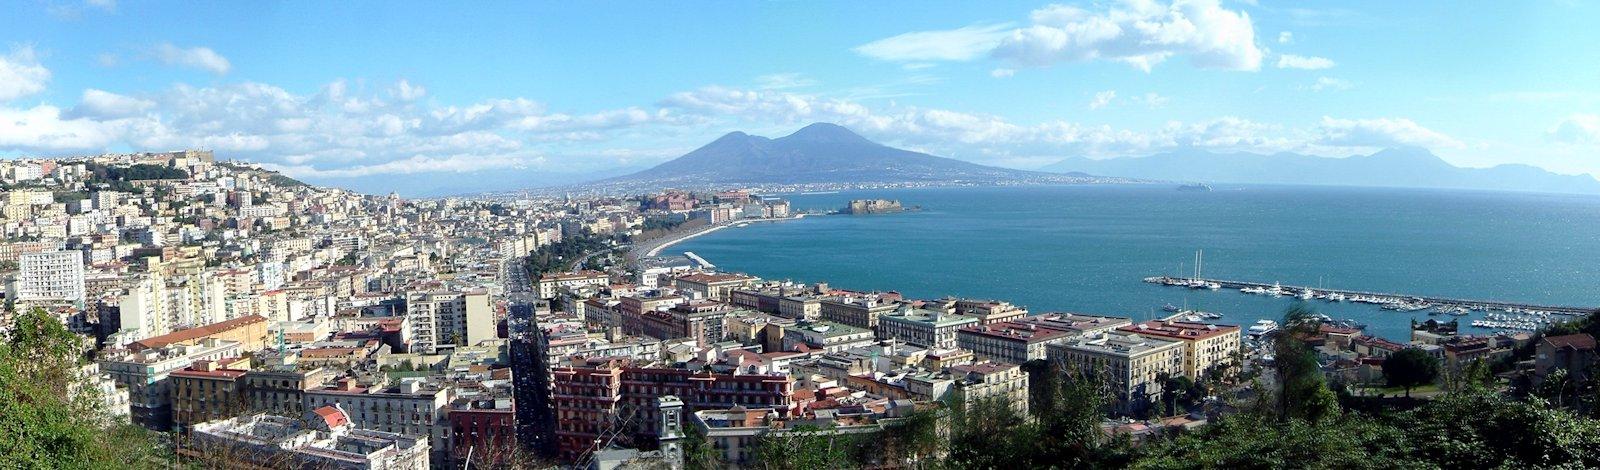 Les plus beaux hotels en Italie - Baie de Naples